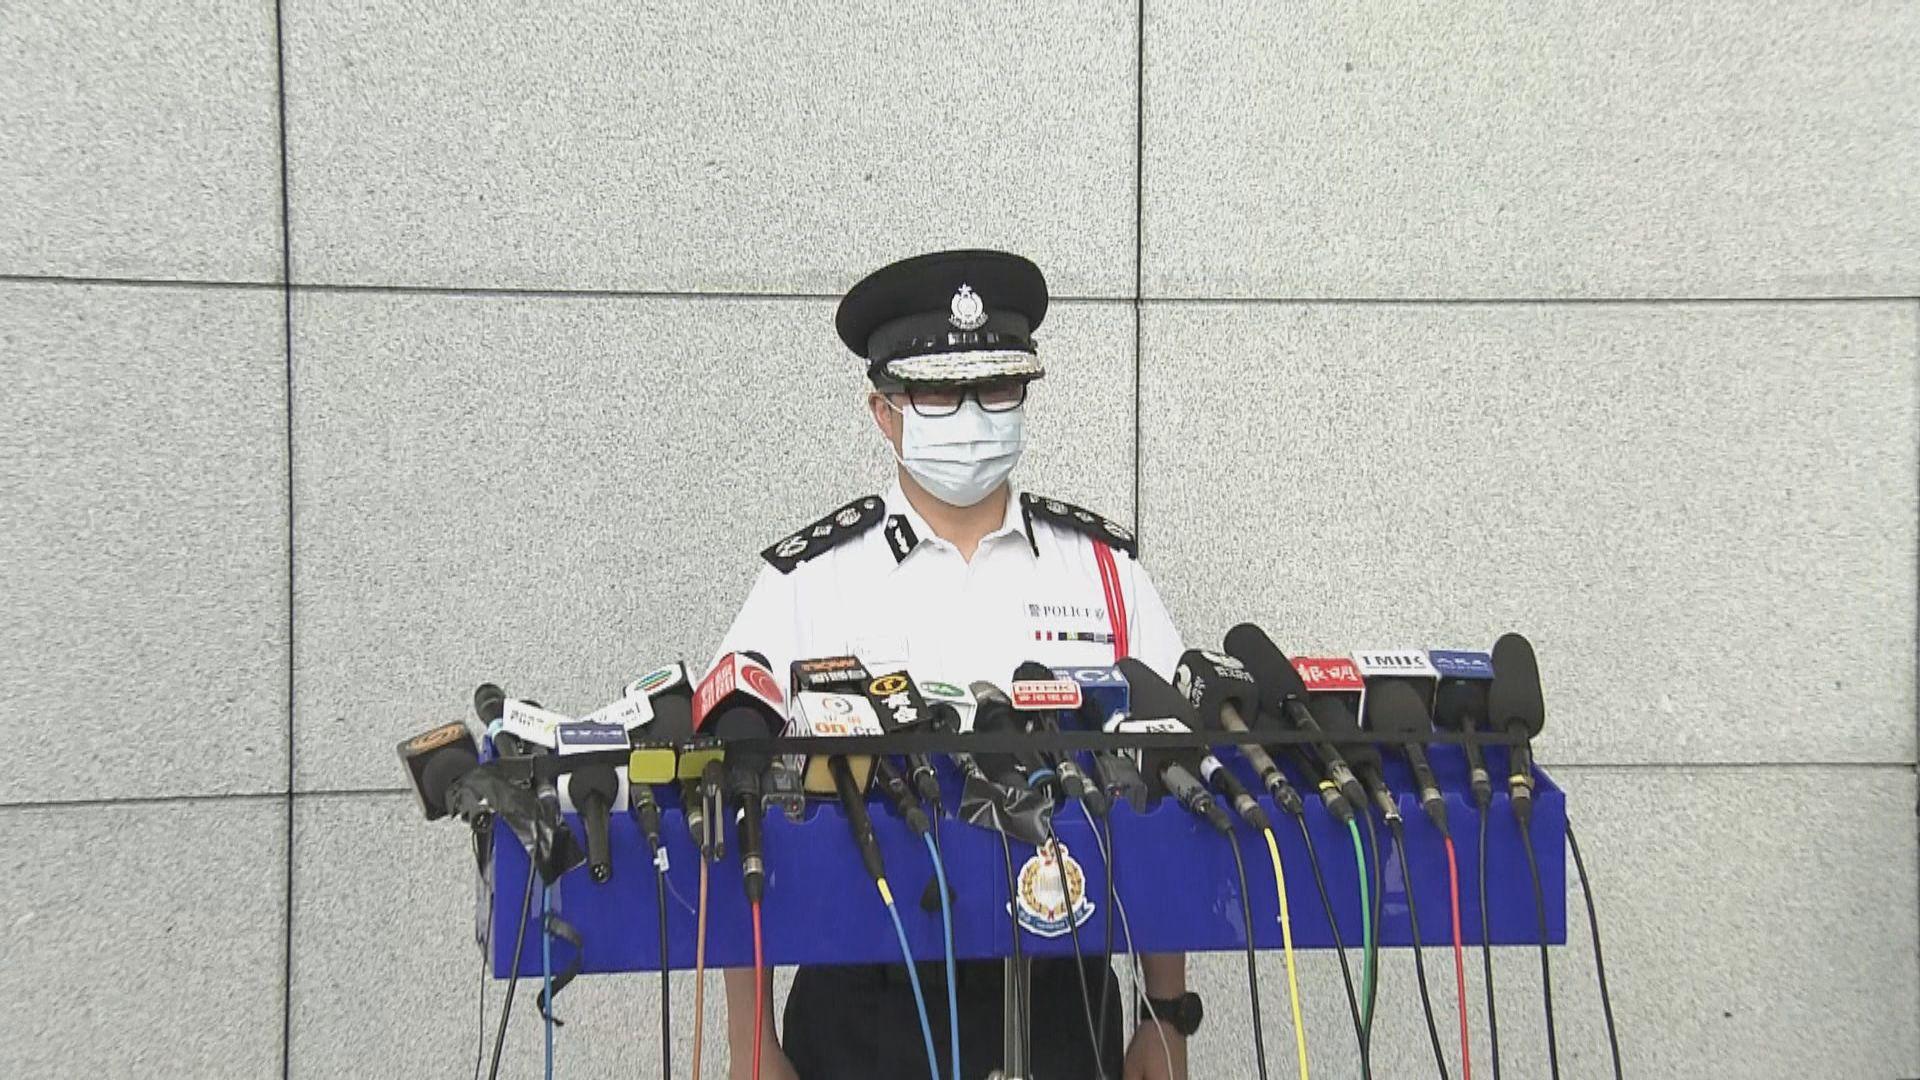 鄧炳強:正調查蔡展鵬涉不當行為 不影響國安處工作